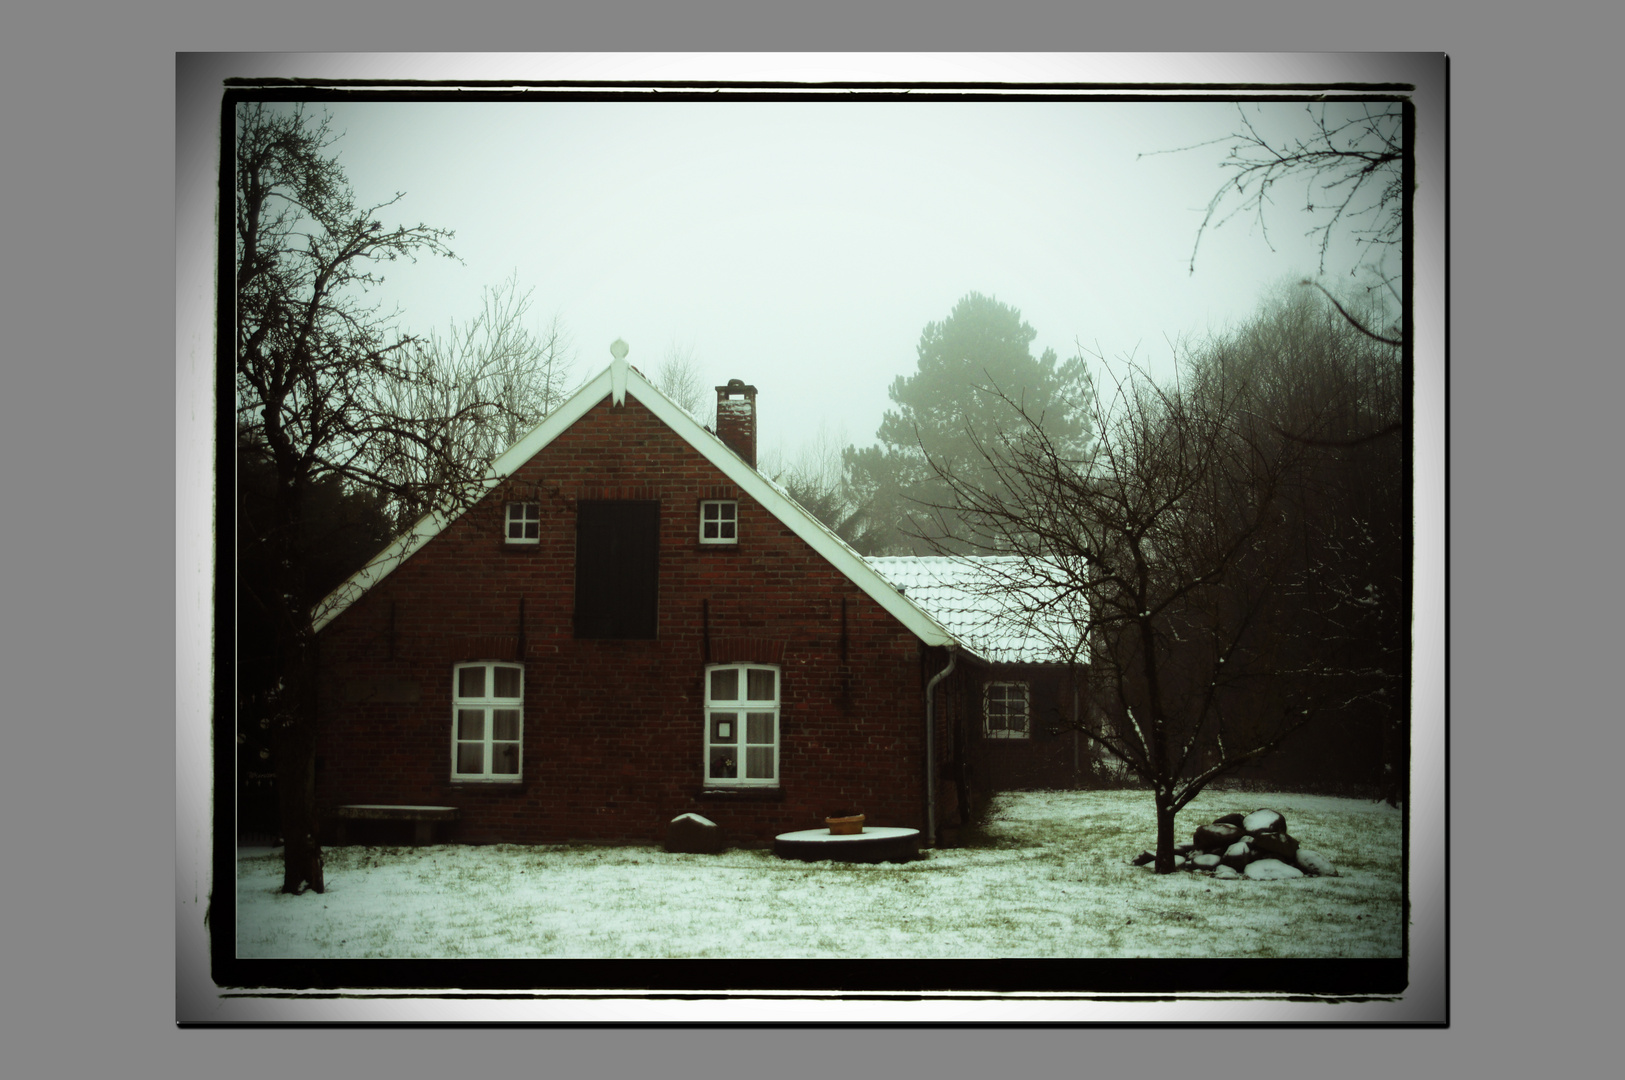 Hooksiel 2-2013